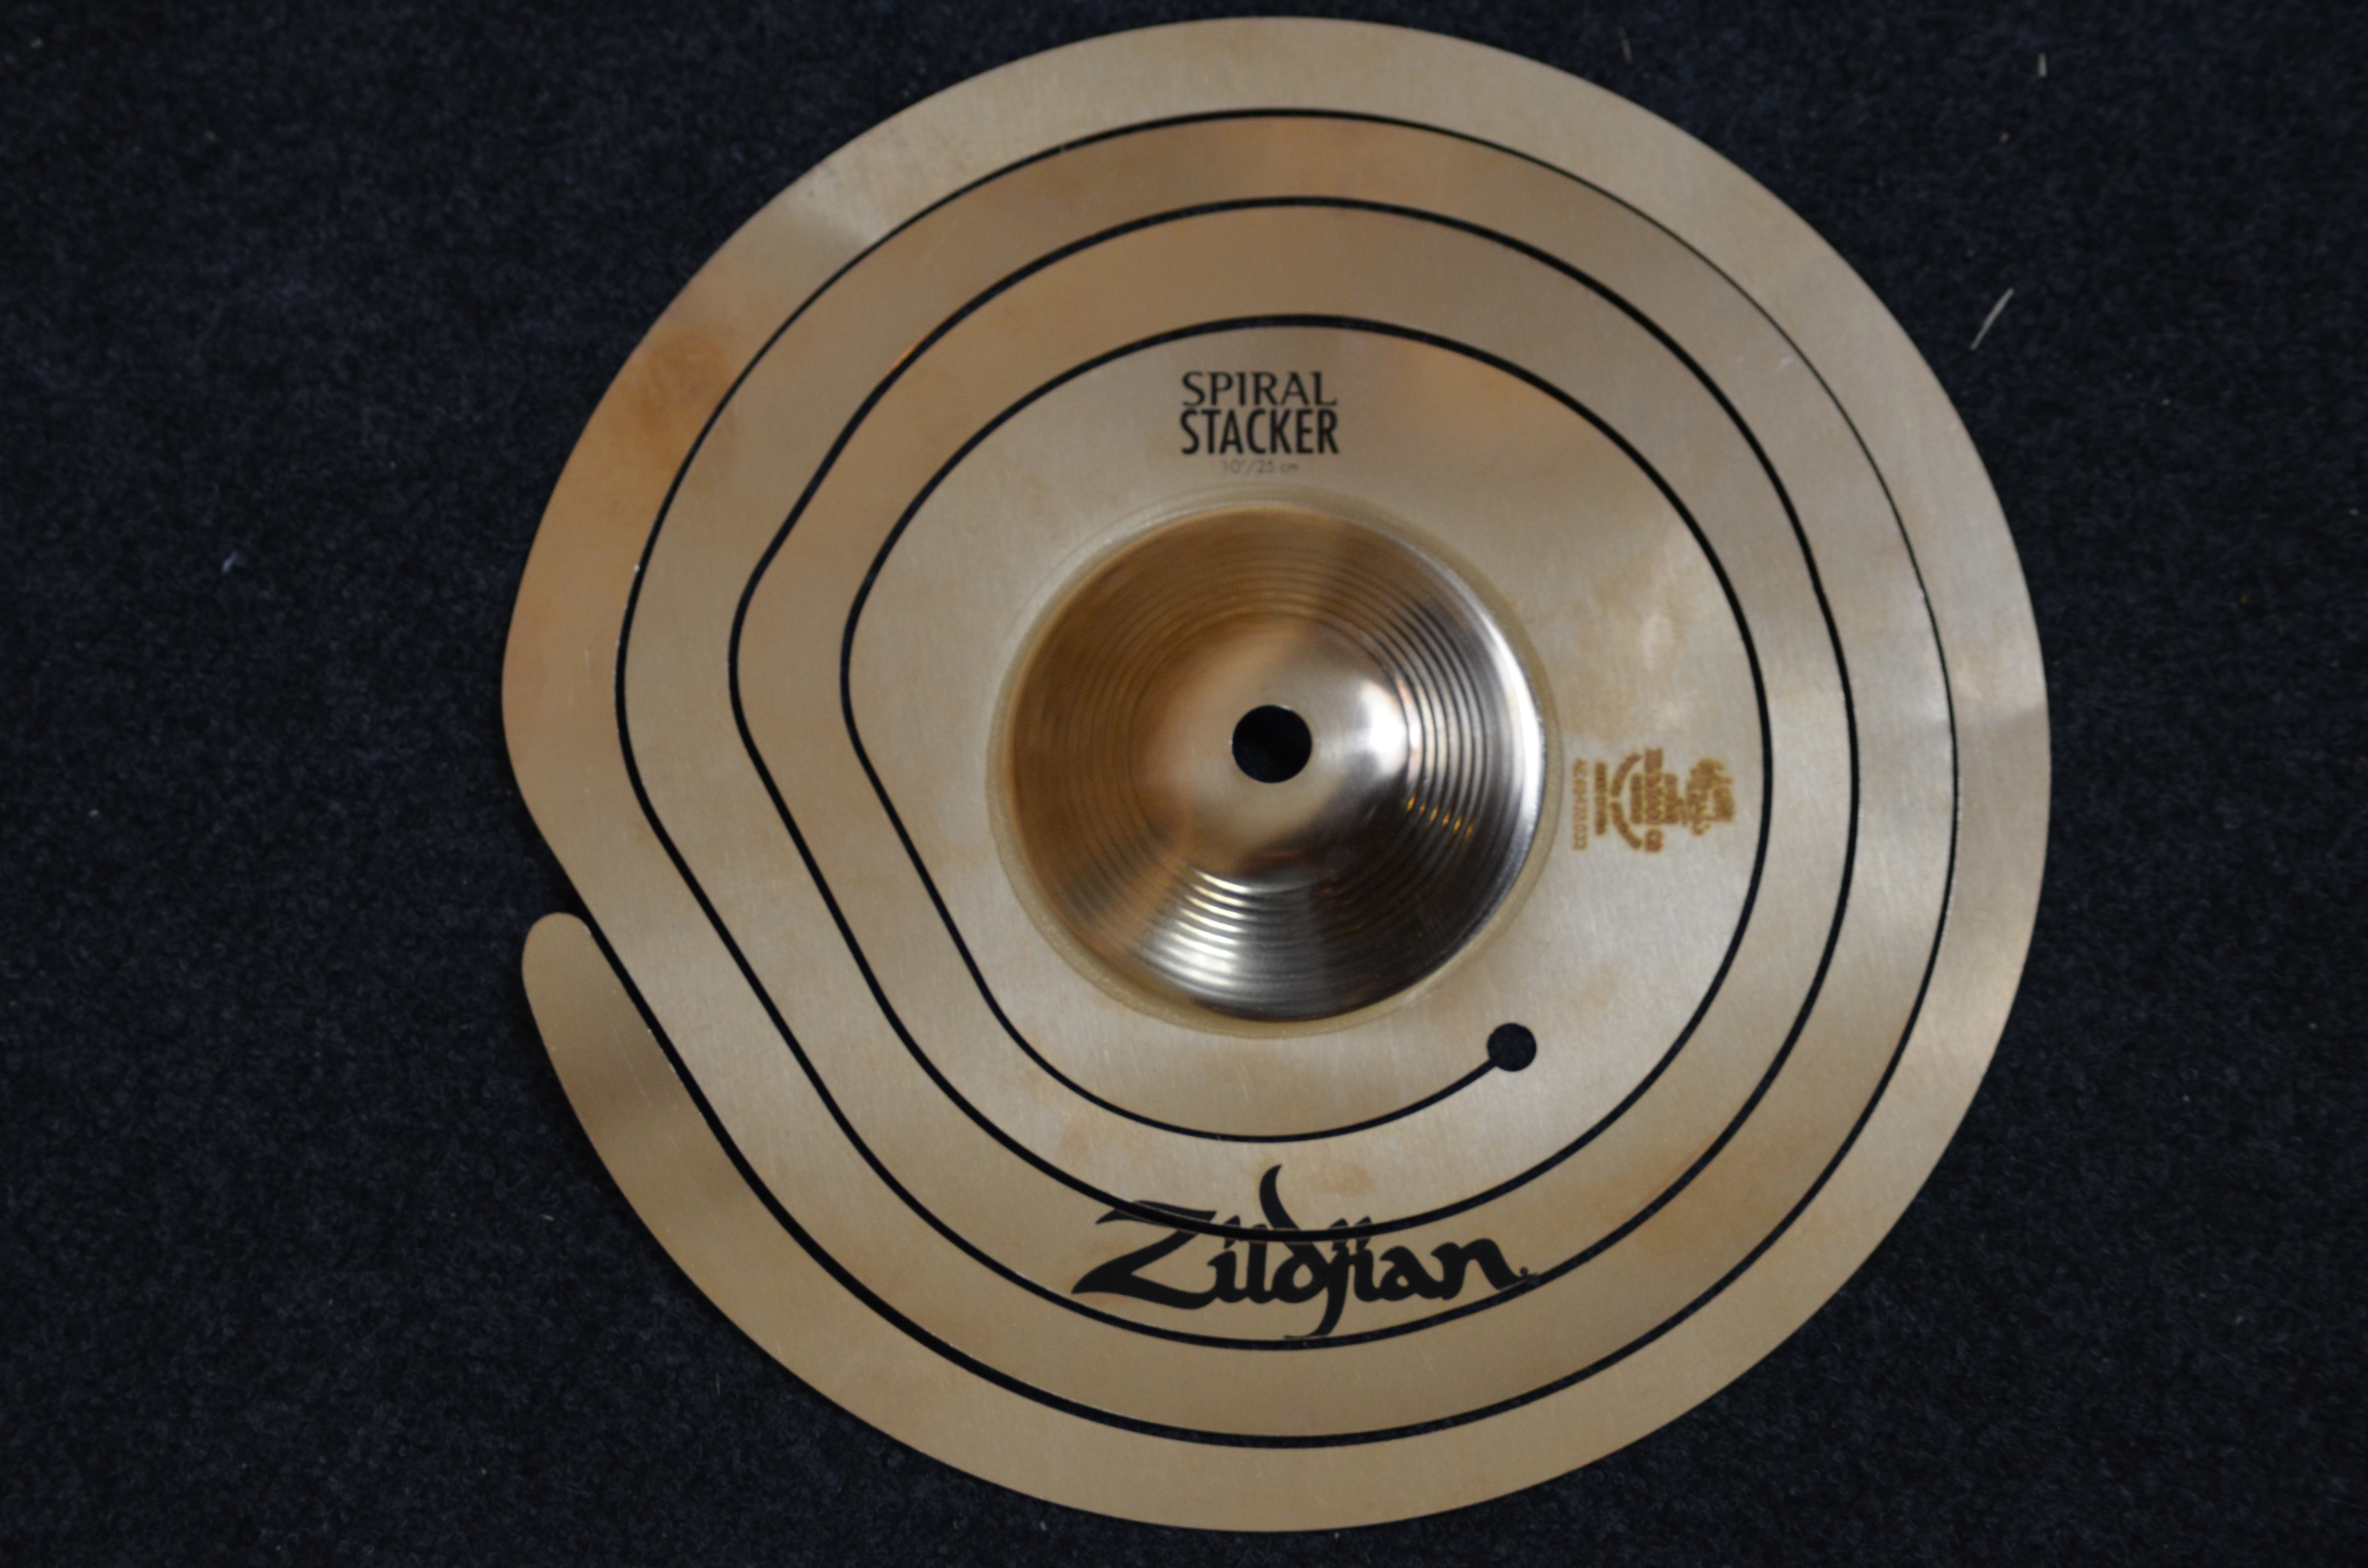 Zildjian Spiral Stacker